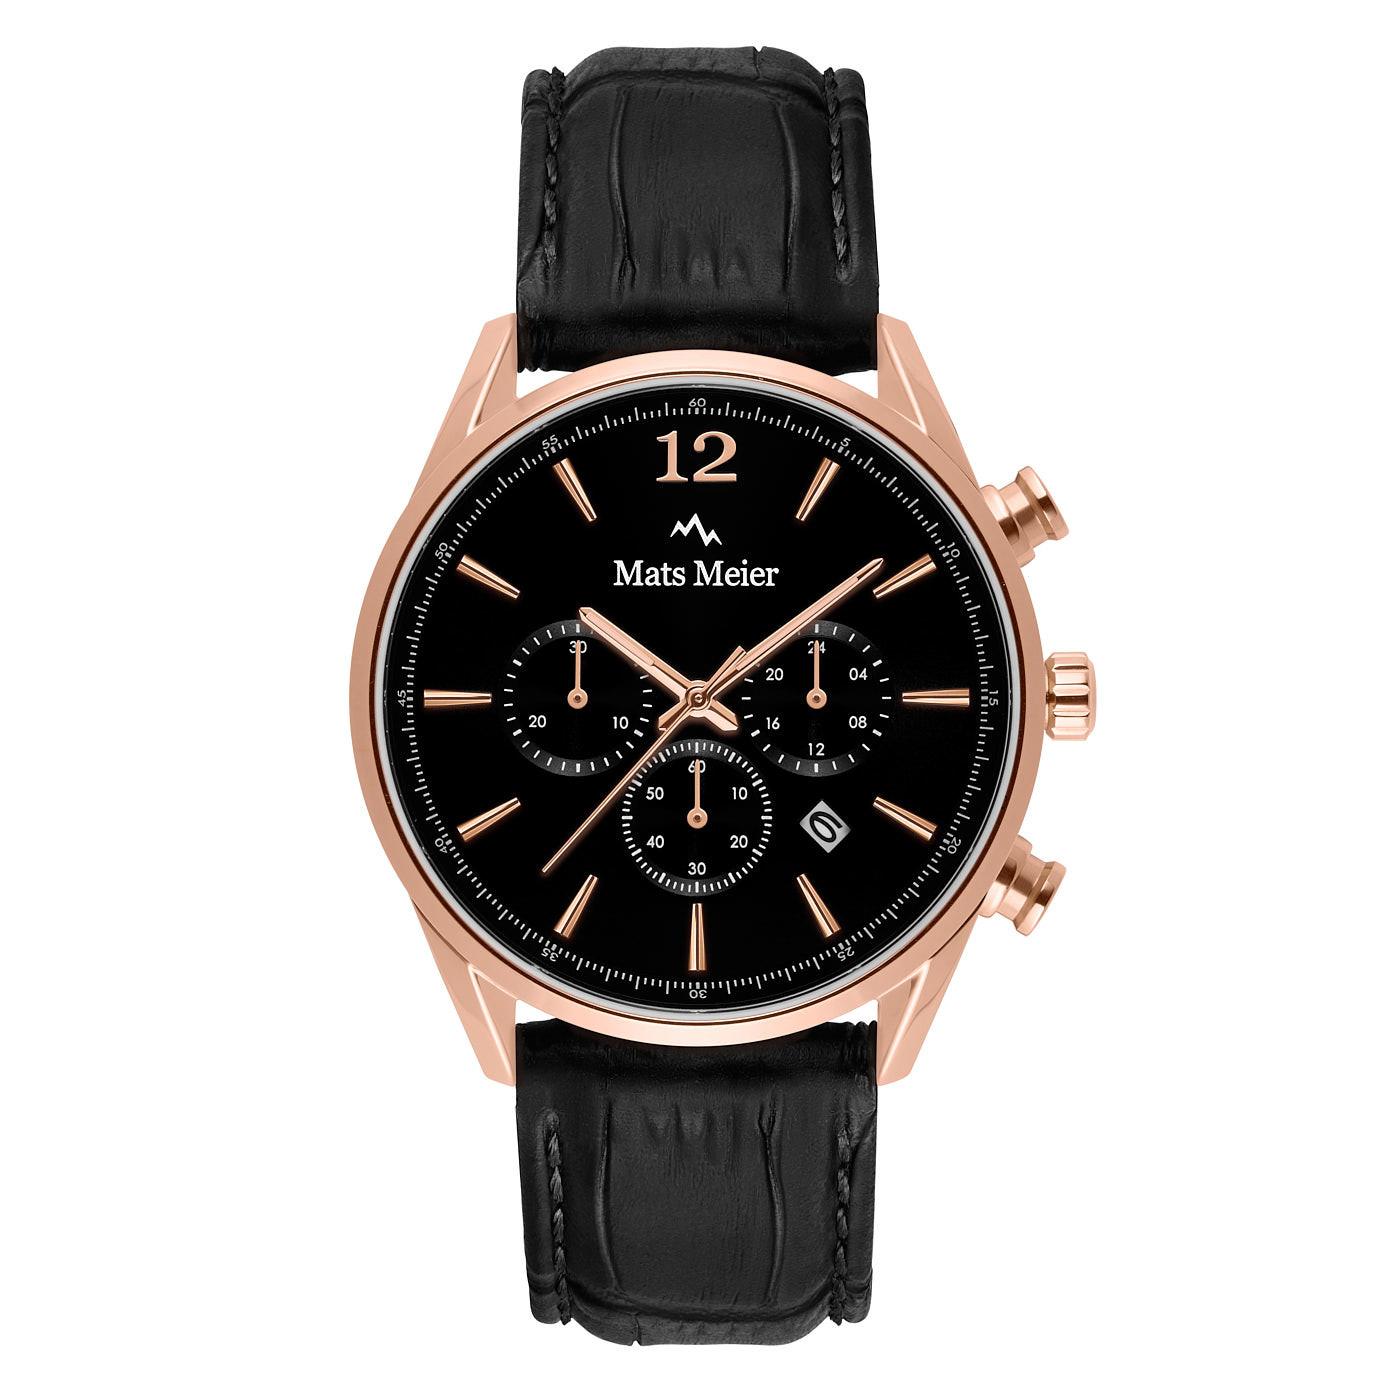 Mats Meier Grand Cornier kronografklocka svart / rosa guldfärgad